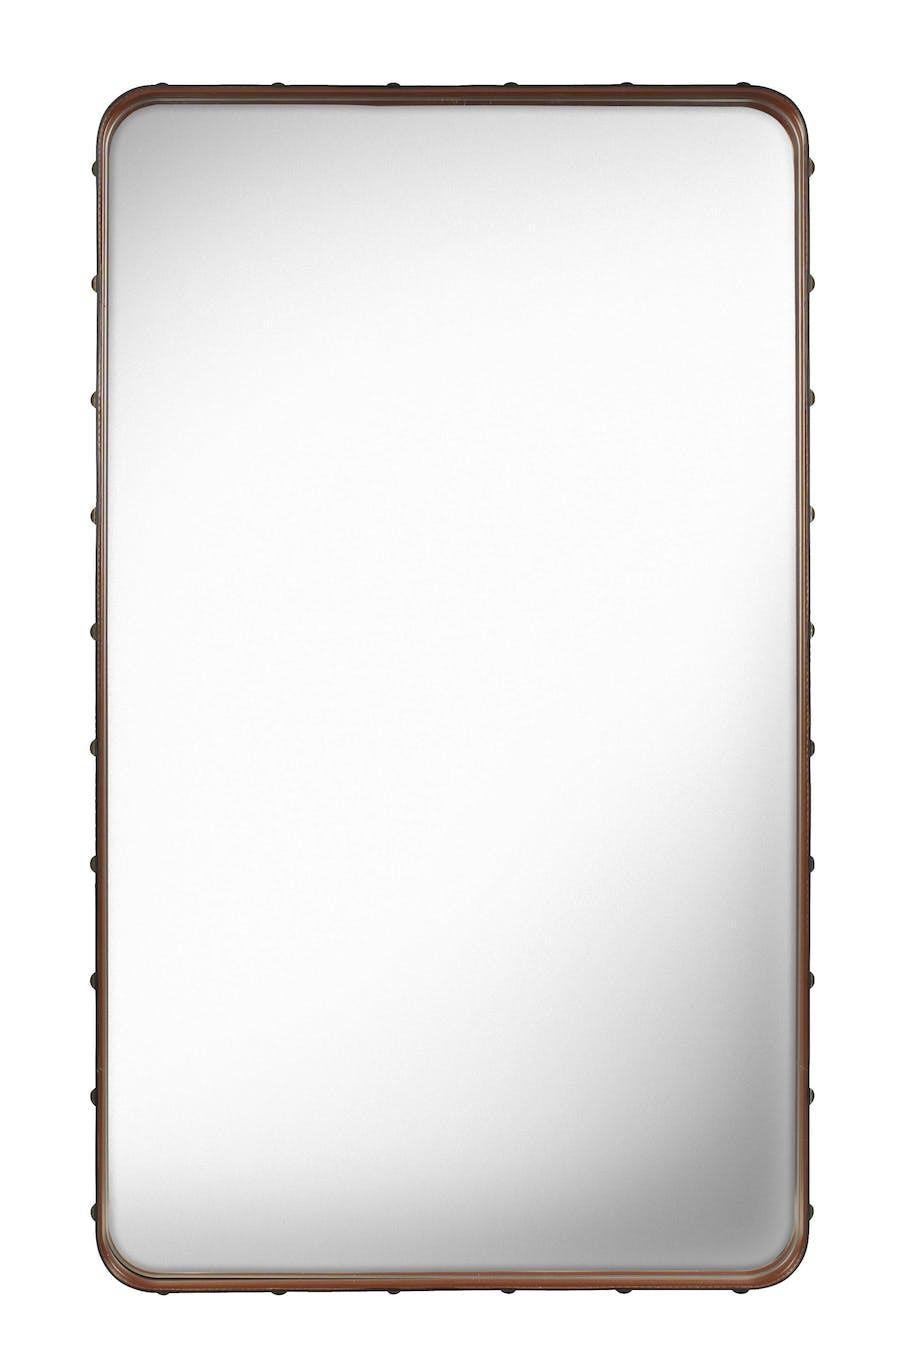 Speilbilde